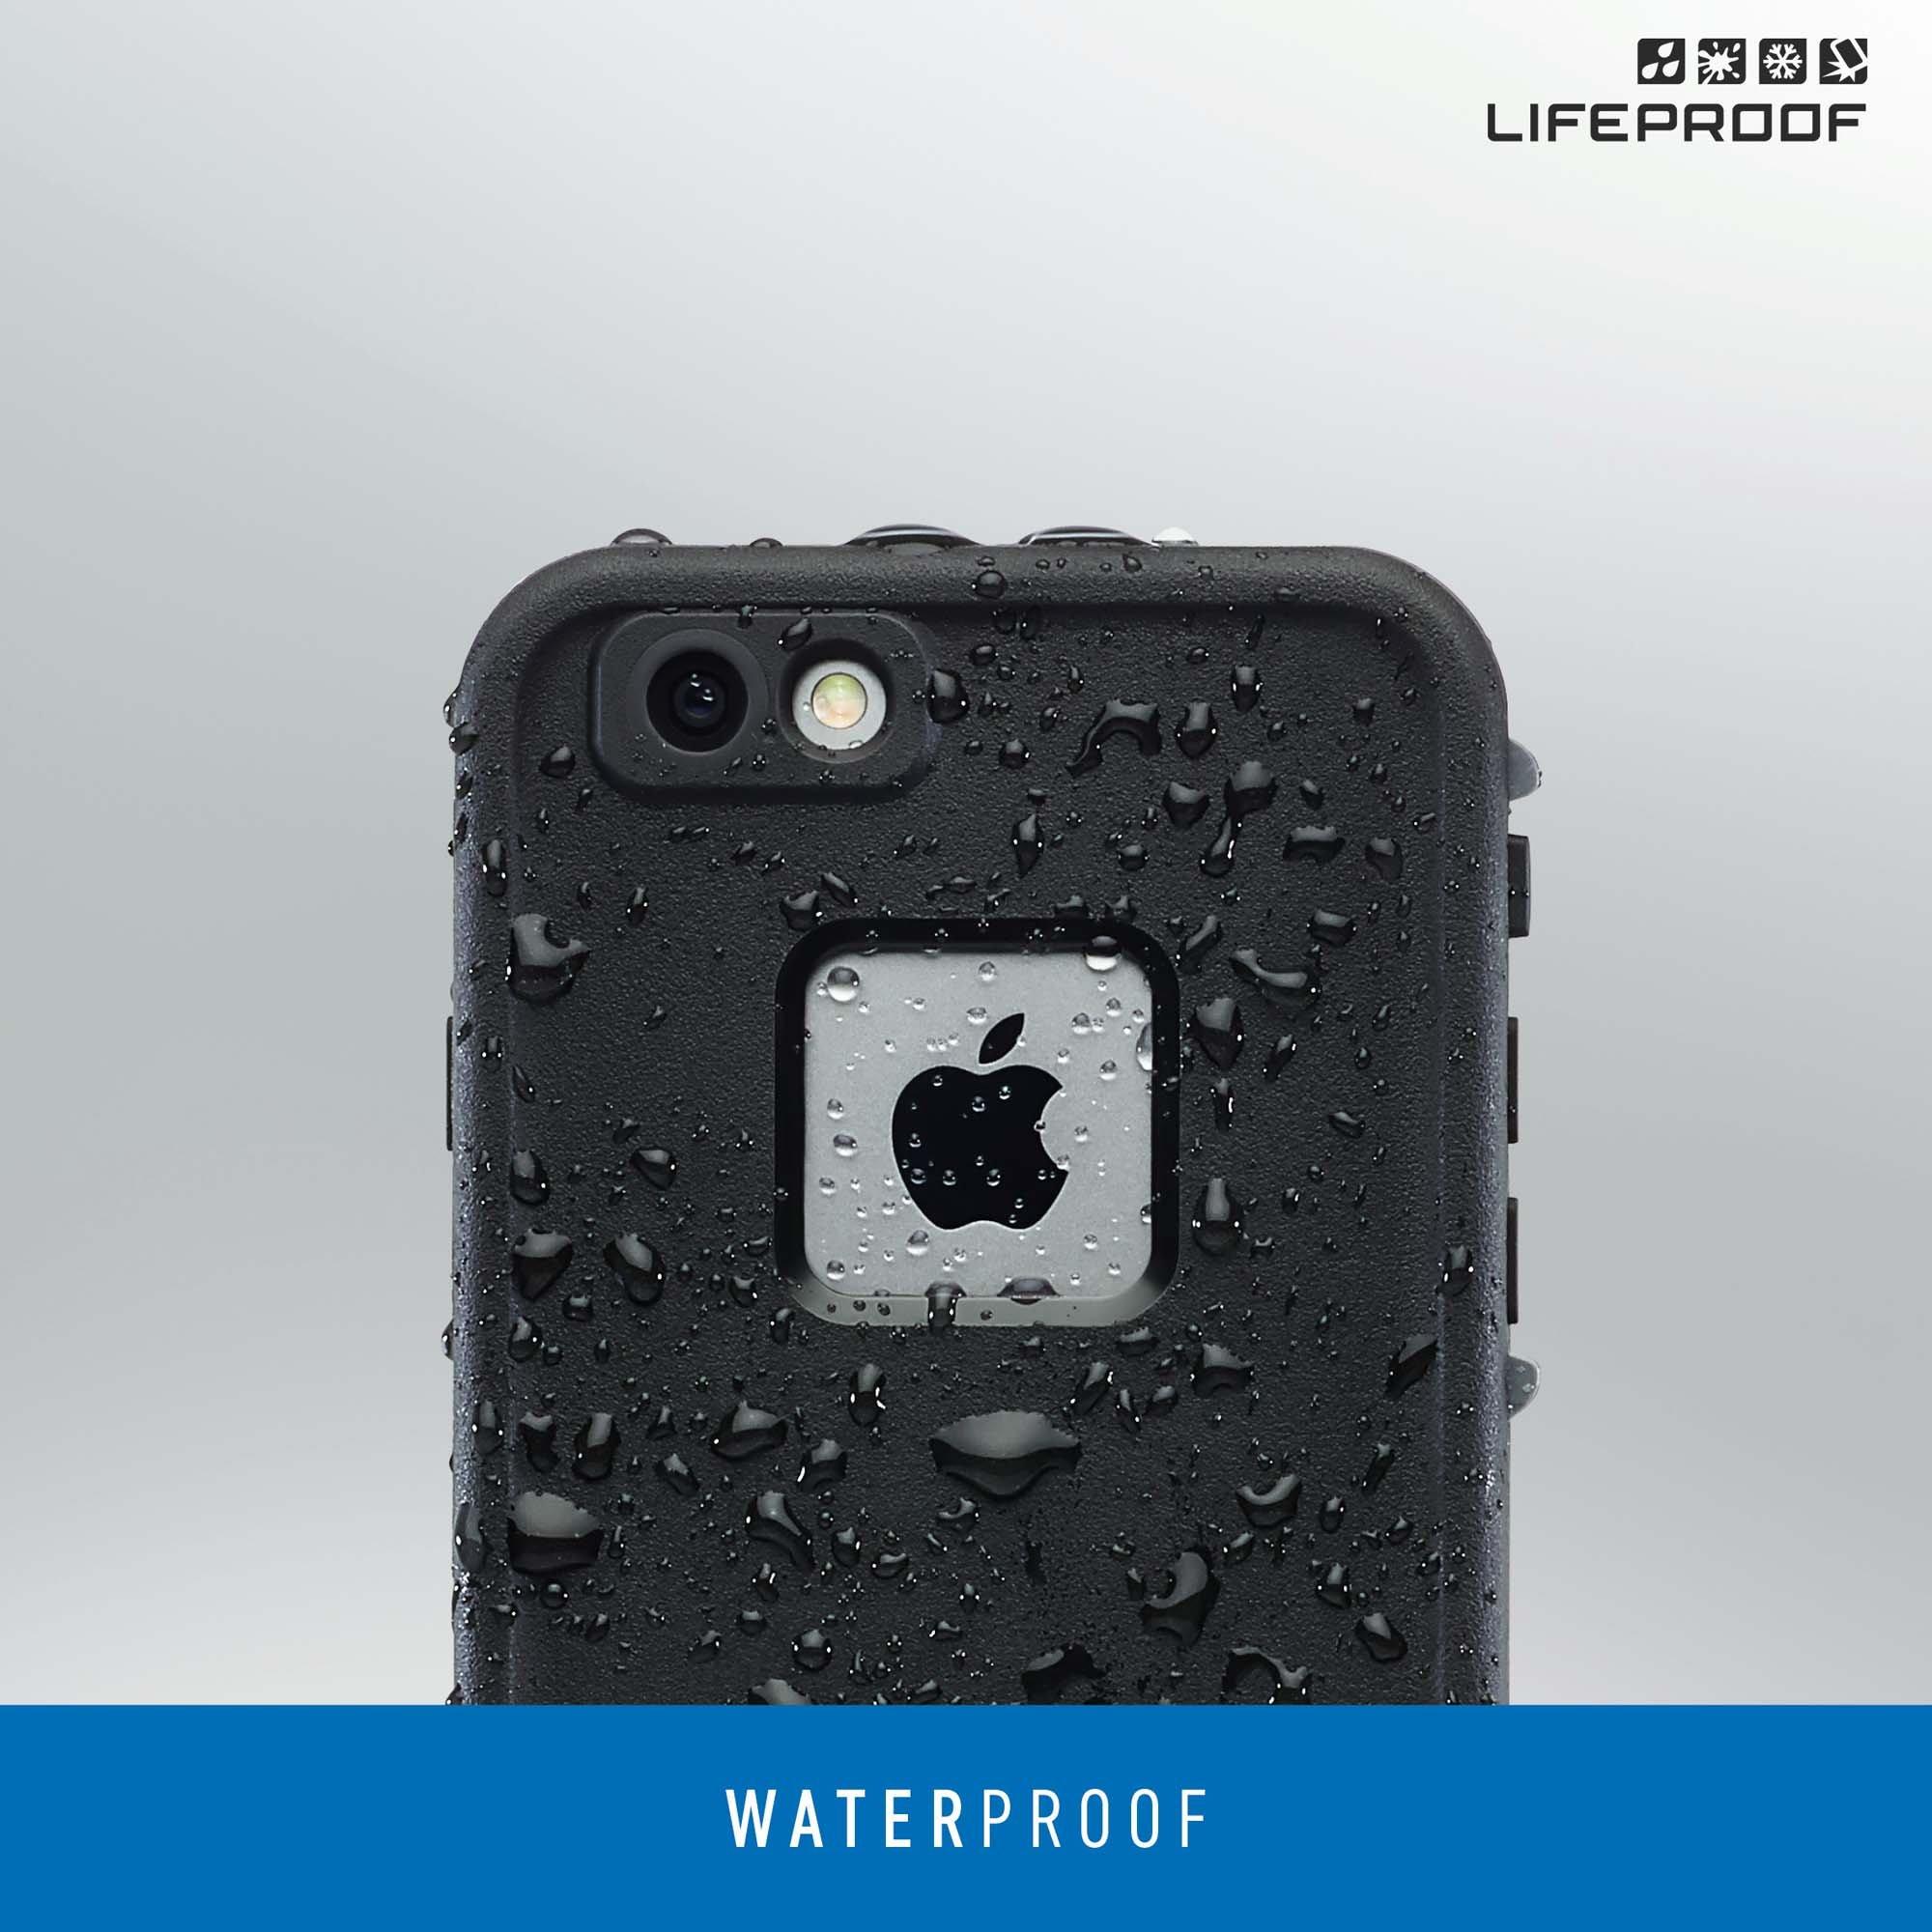 Lifeproof FRĒ SERIES iPhone 6/6s Waterproof Case (4.7'' Version) - Retail Packaging - BANZAI (COWABUNGA/WAVE CRASH/LONGBOARD) by LifeProof (Image #11)